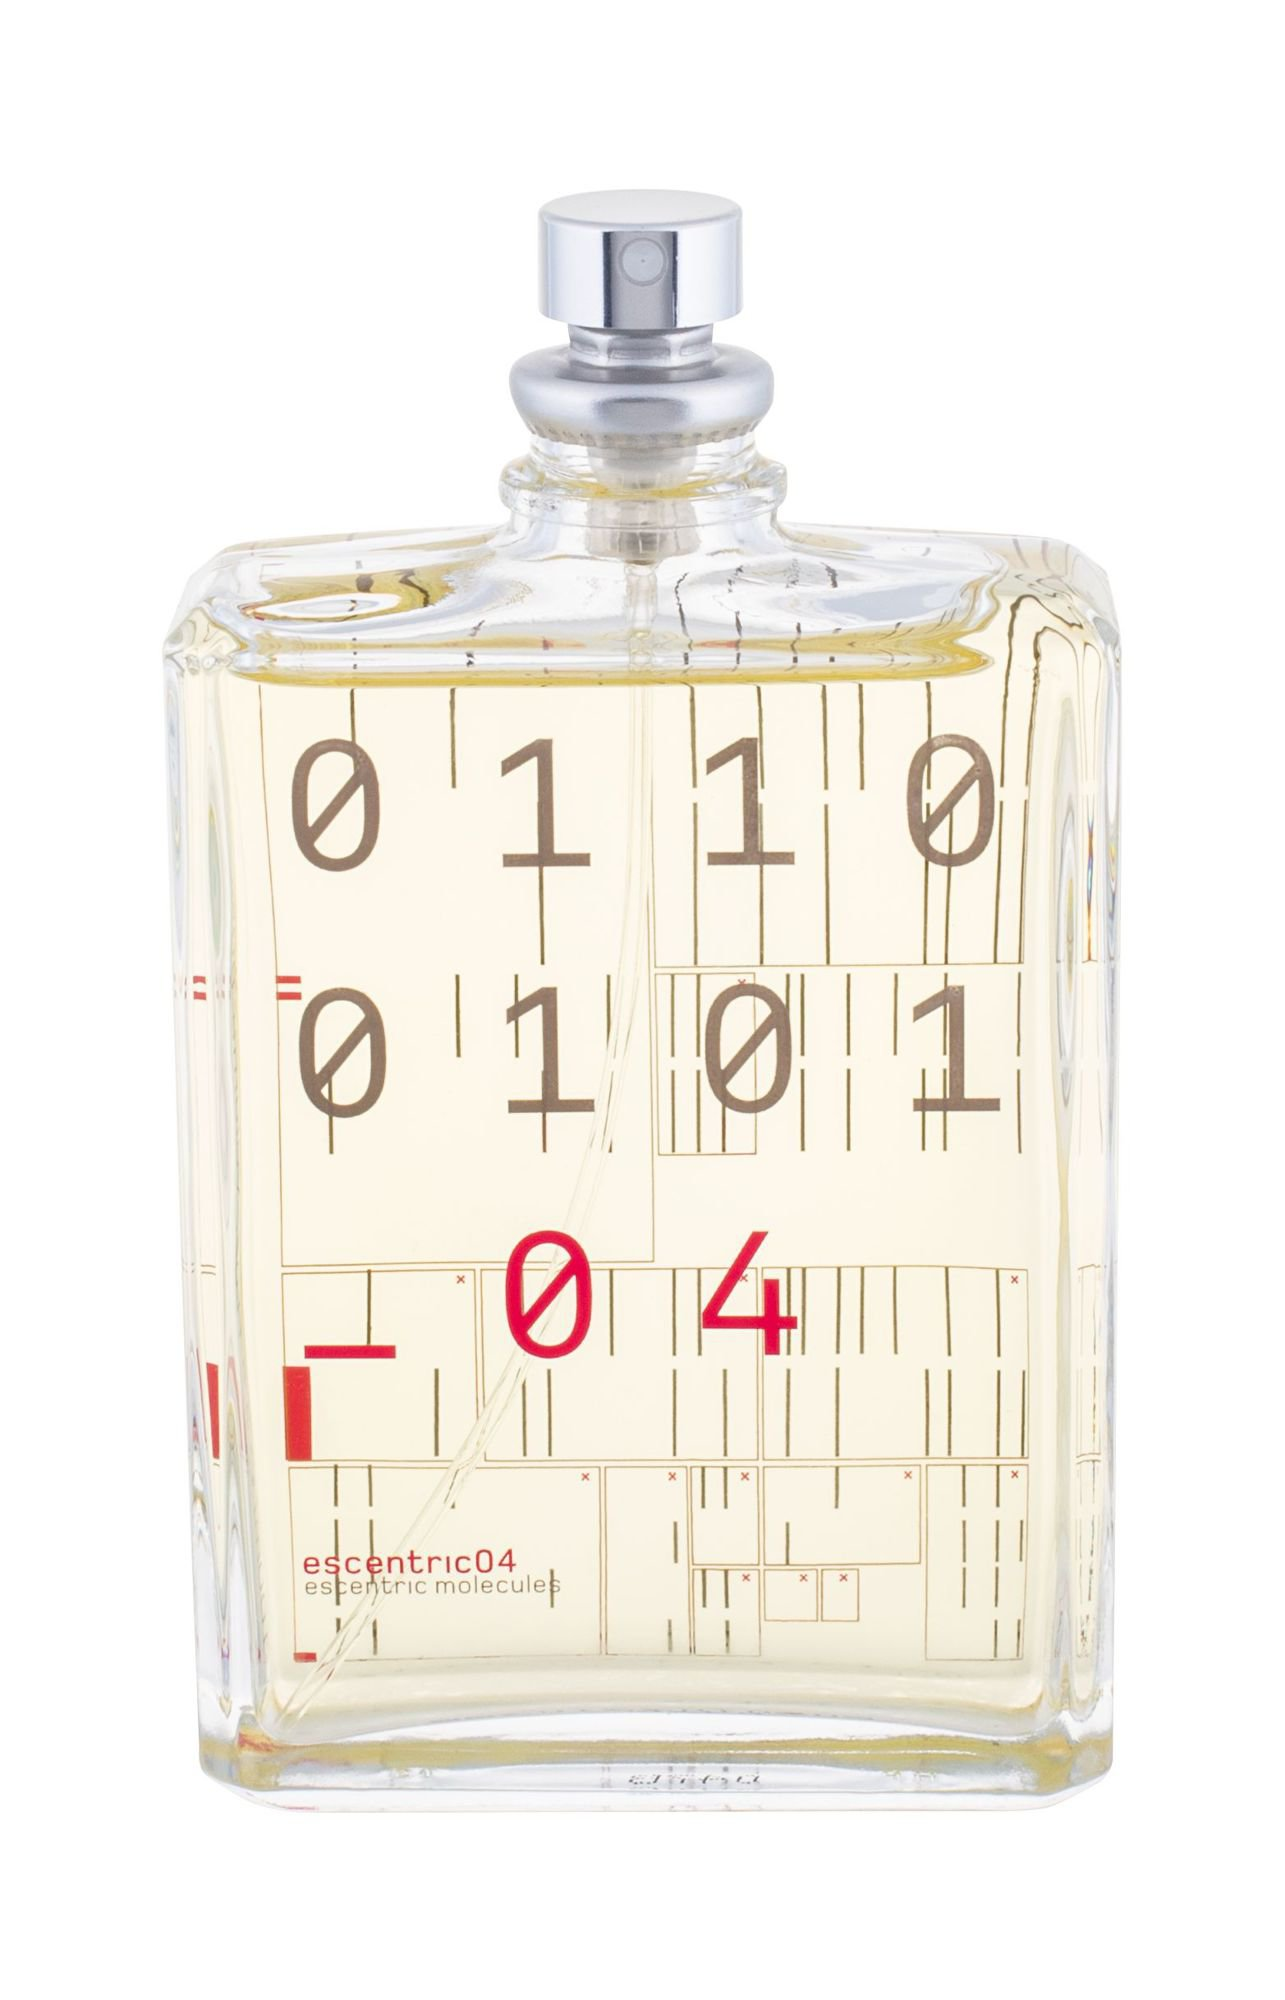 Escentric Molecules Escentric 04, Toaletná voda 100ml